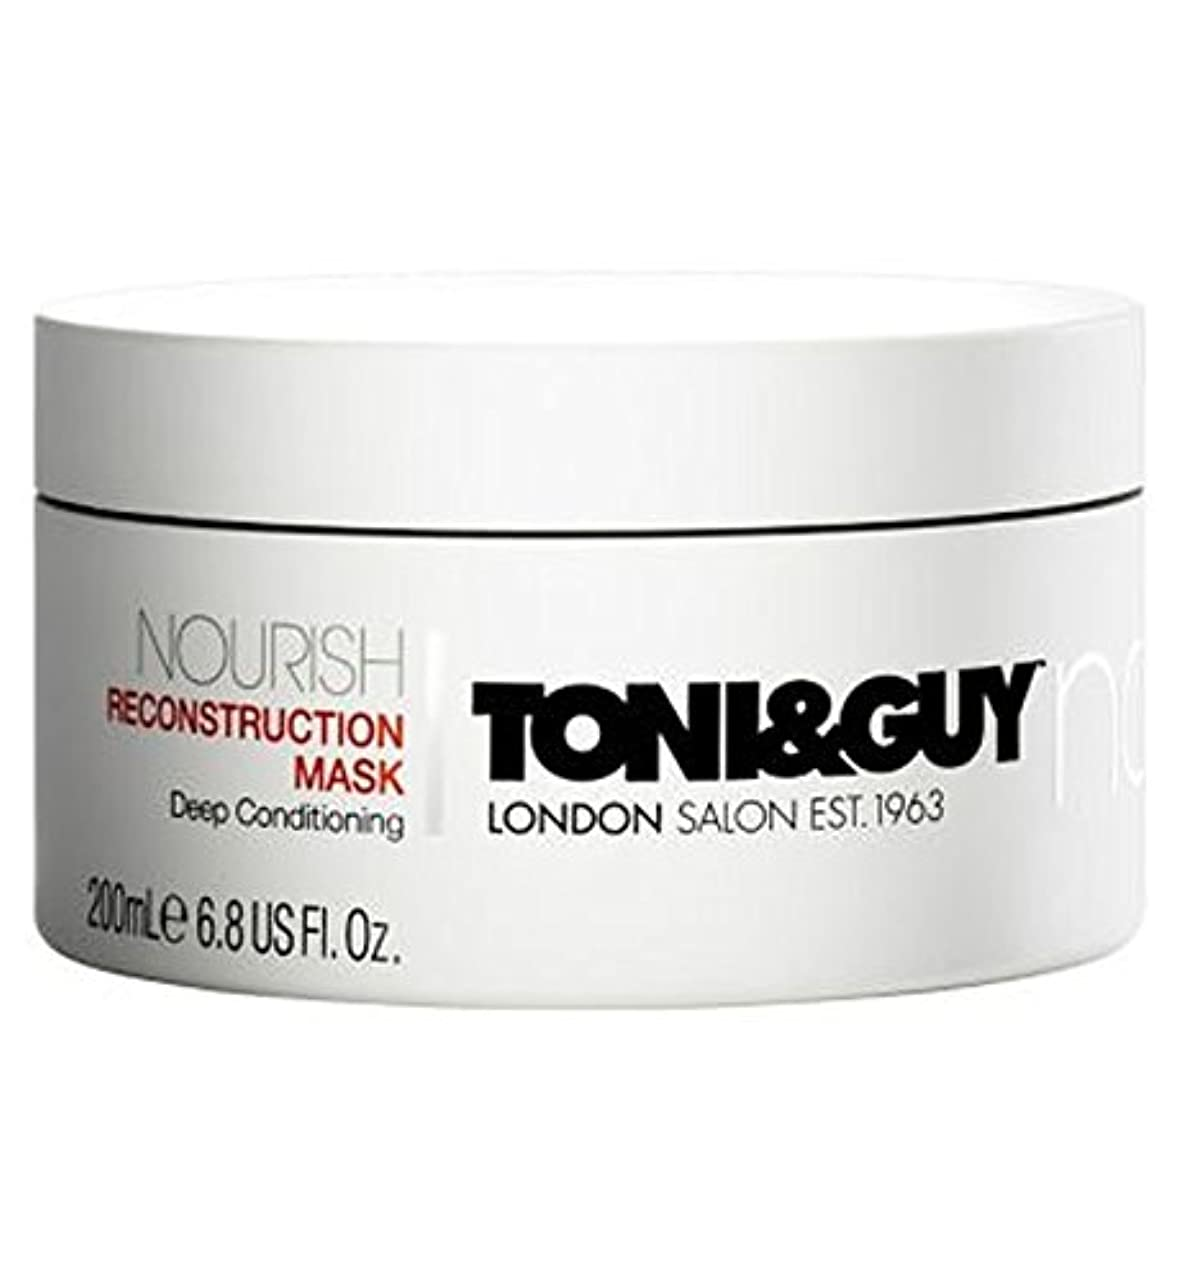 物理的な別れる落ち着くToni&Guy Nourish Reconstruction Mask 200ml - トニ&男は復興マスク200ミリリットルを養います (Toni & Guy) [並行輸入品]